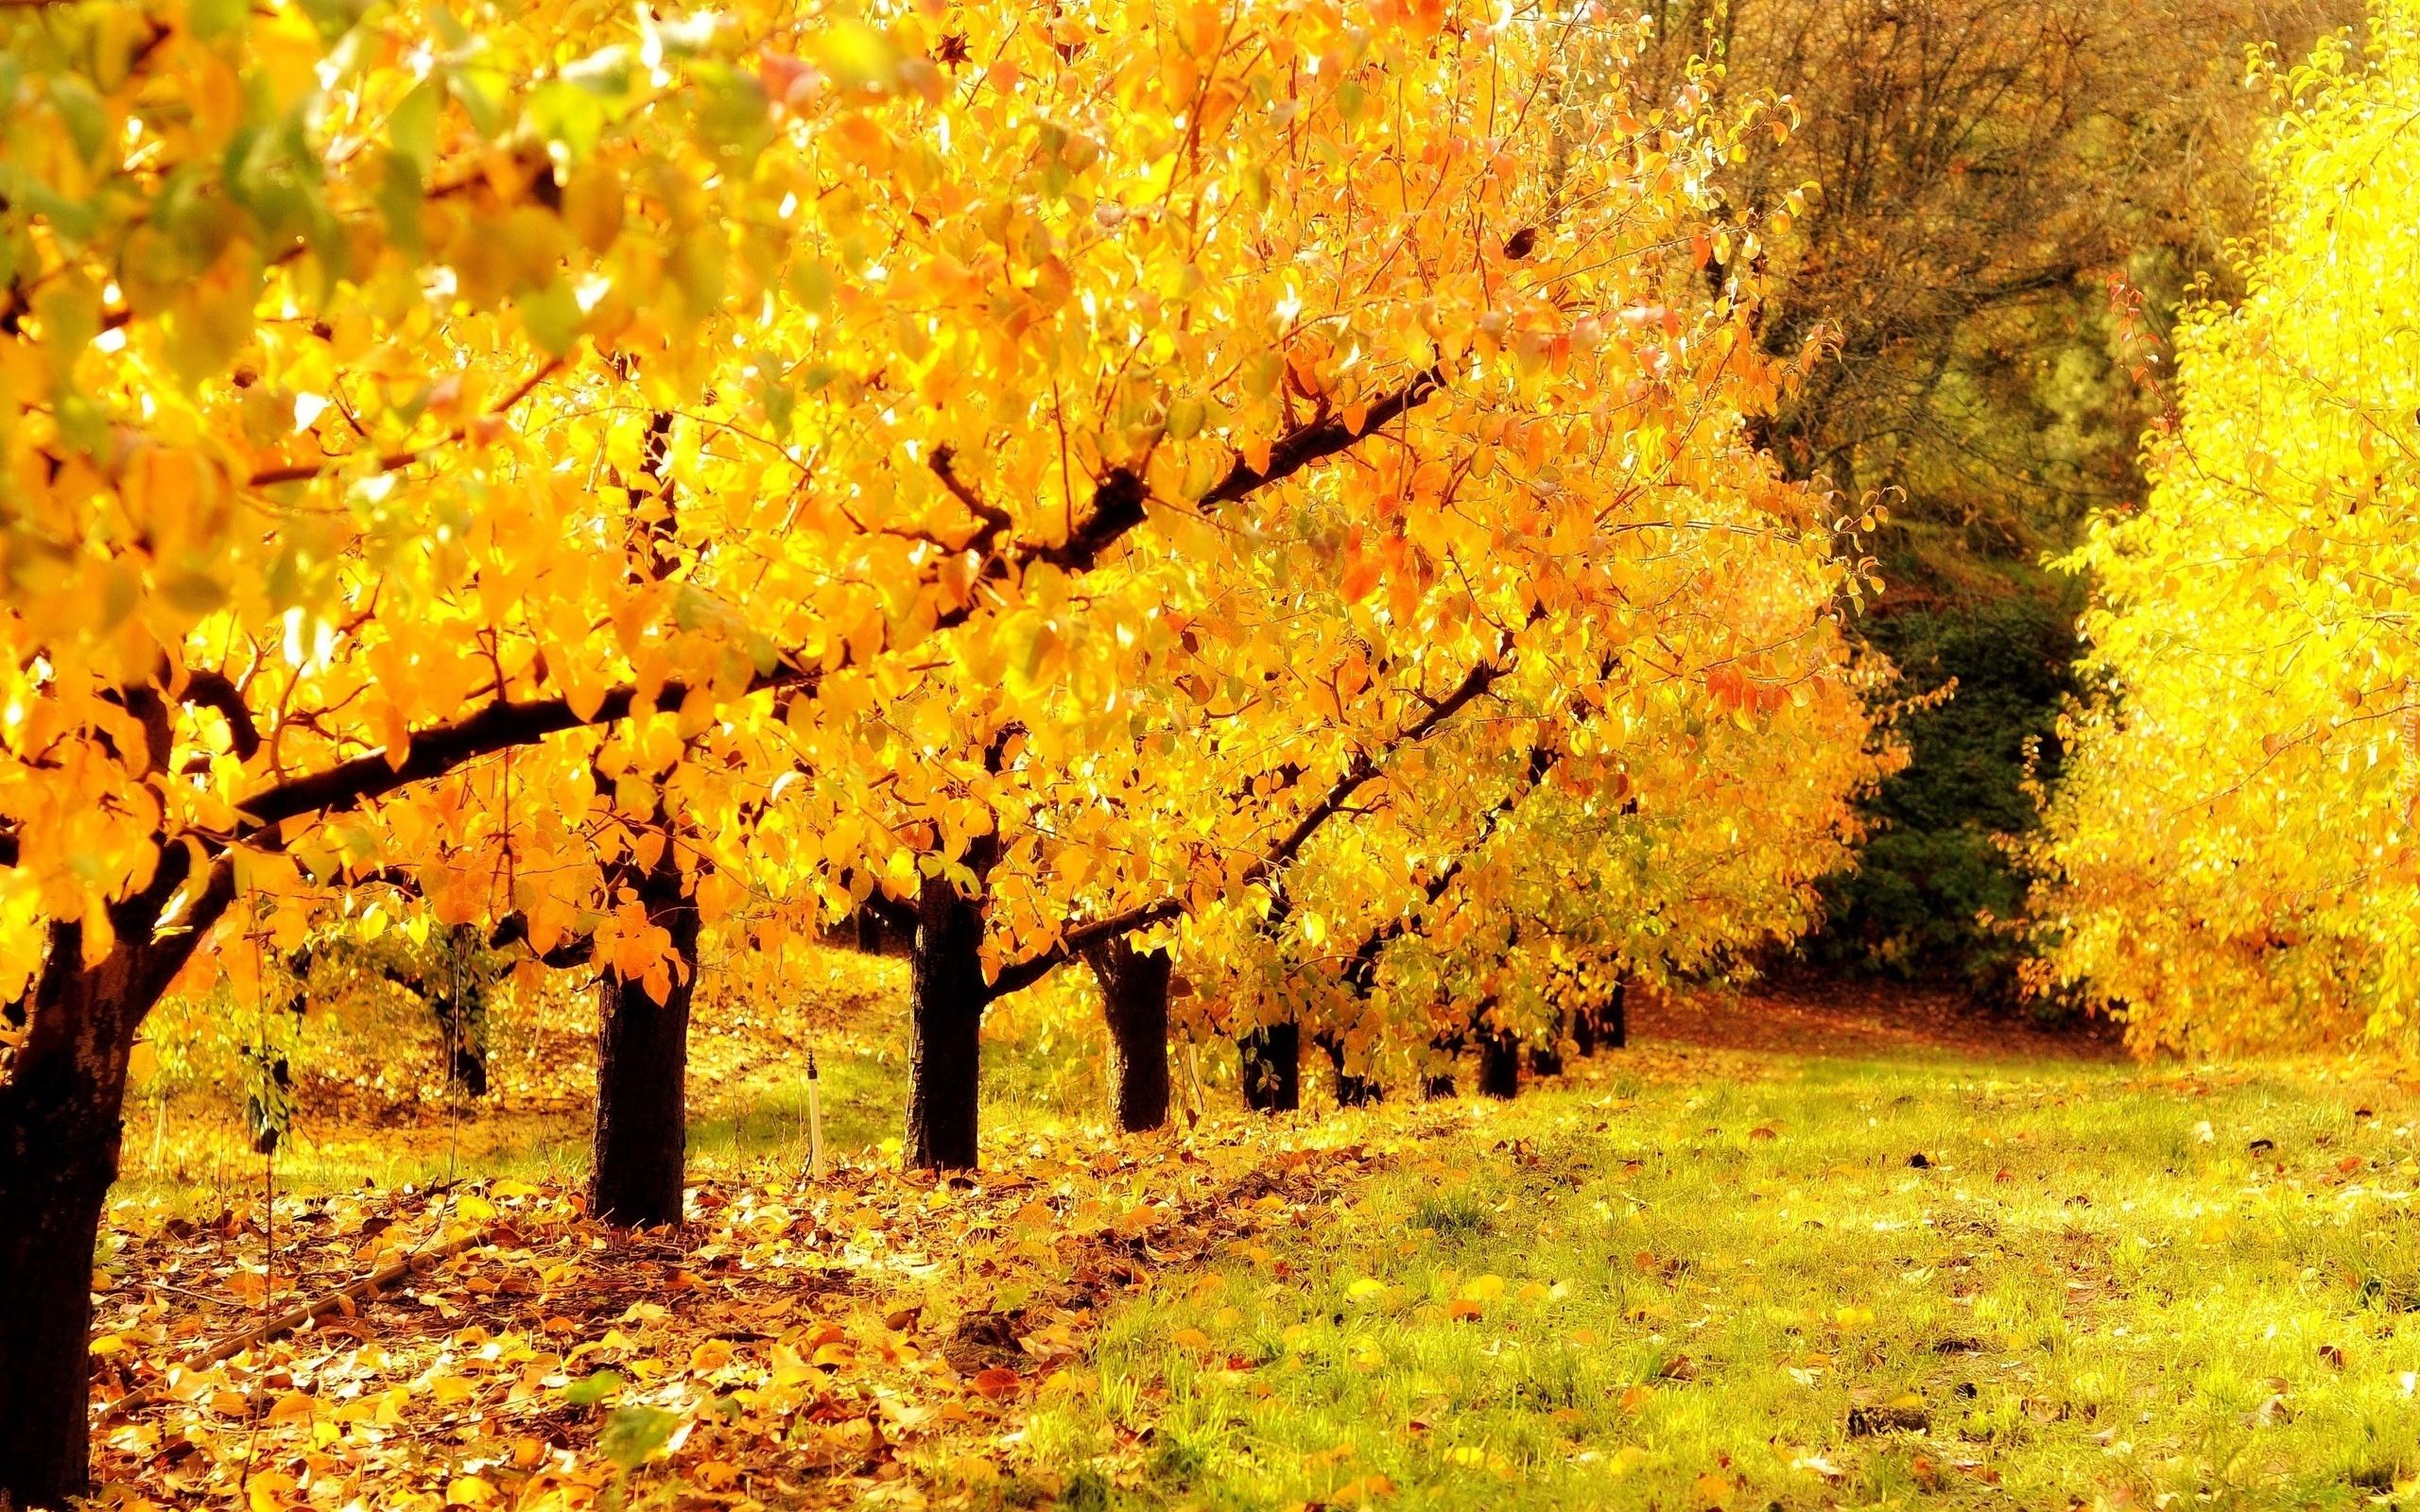 Могите мне найти золотую осень на картинке 3